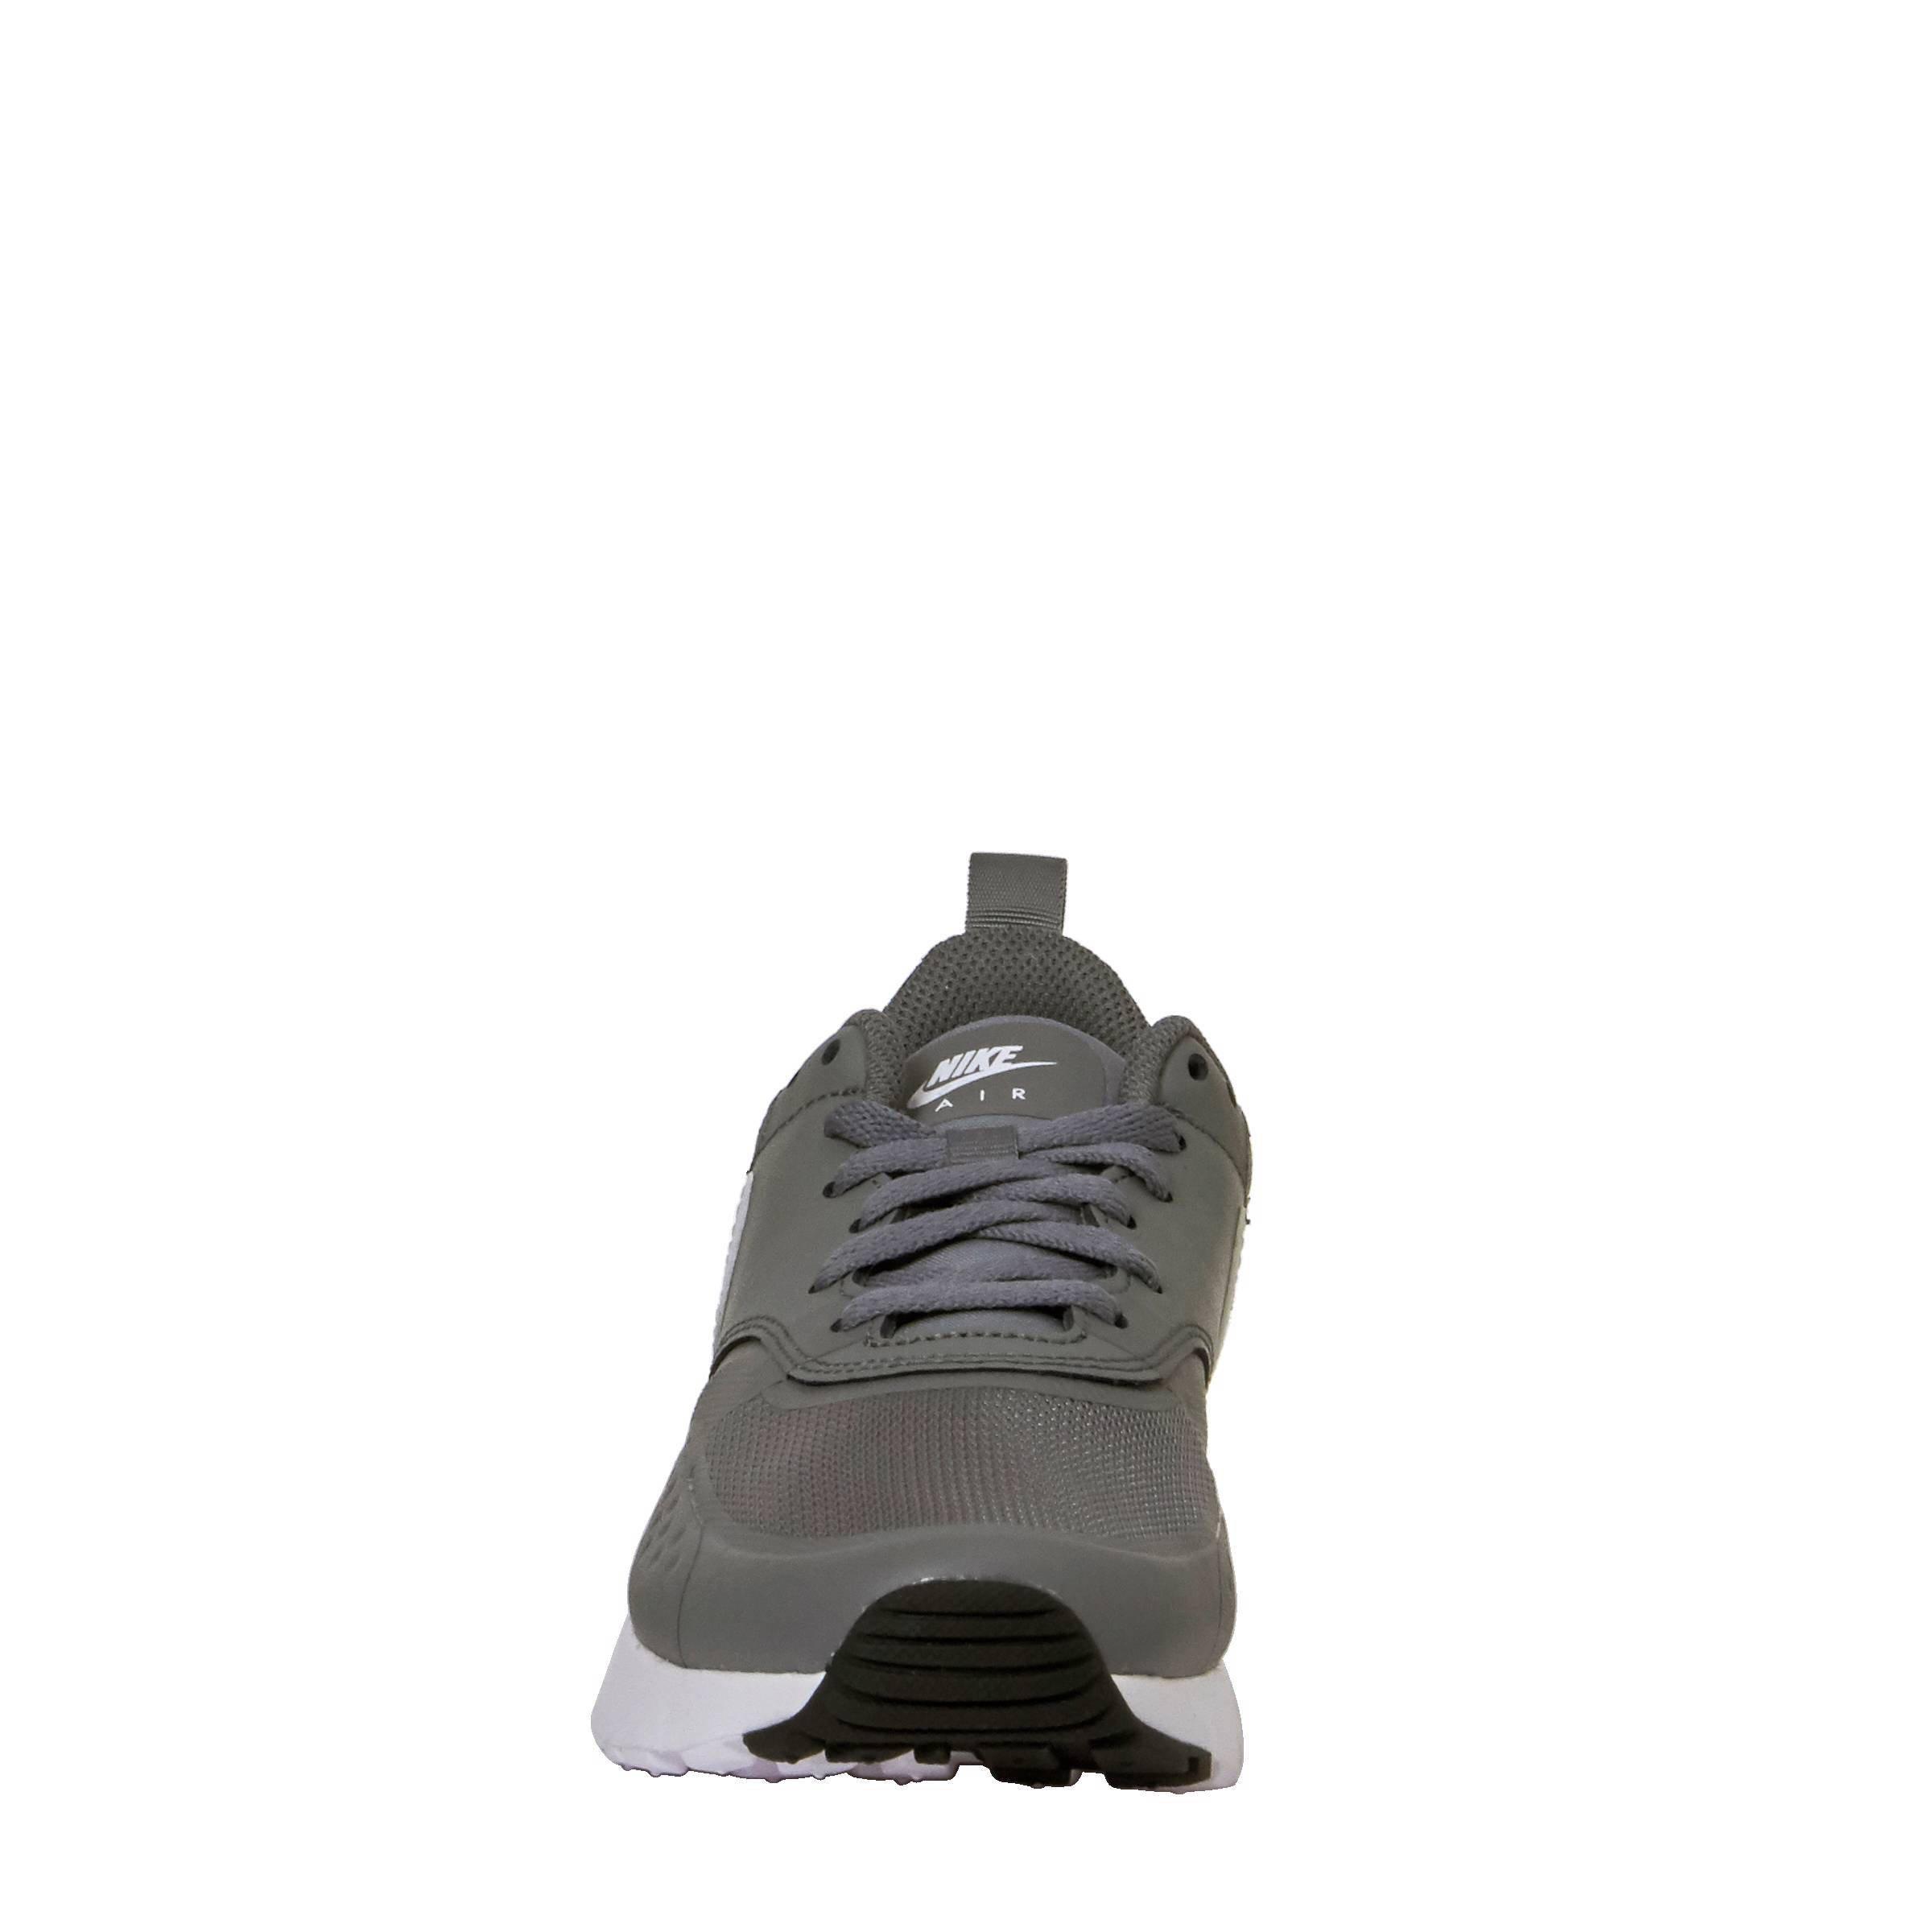 half off 4a51a f686b nike-air-max-vision-gs-sneakers-grijs-0884776045225.jpg